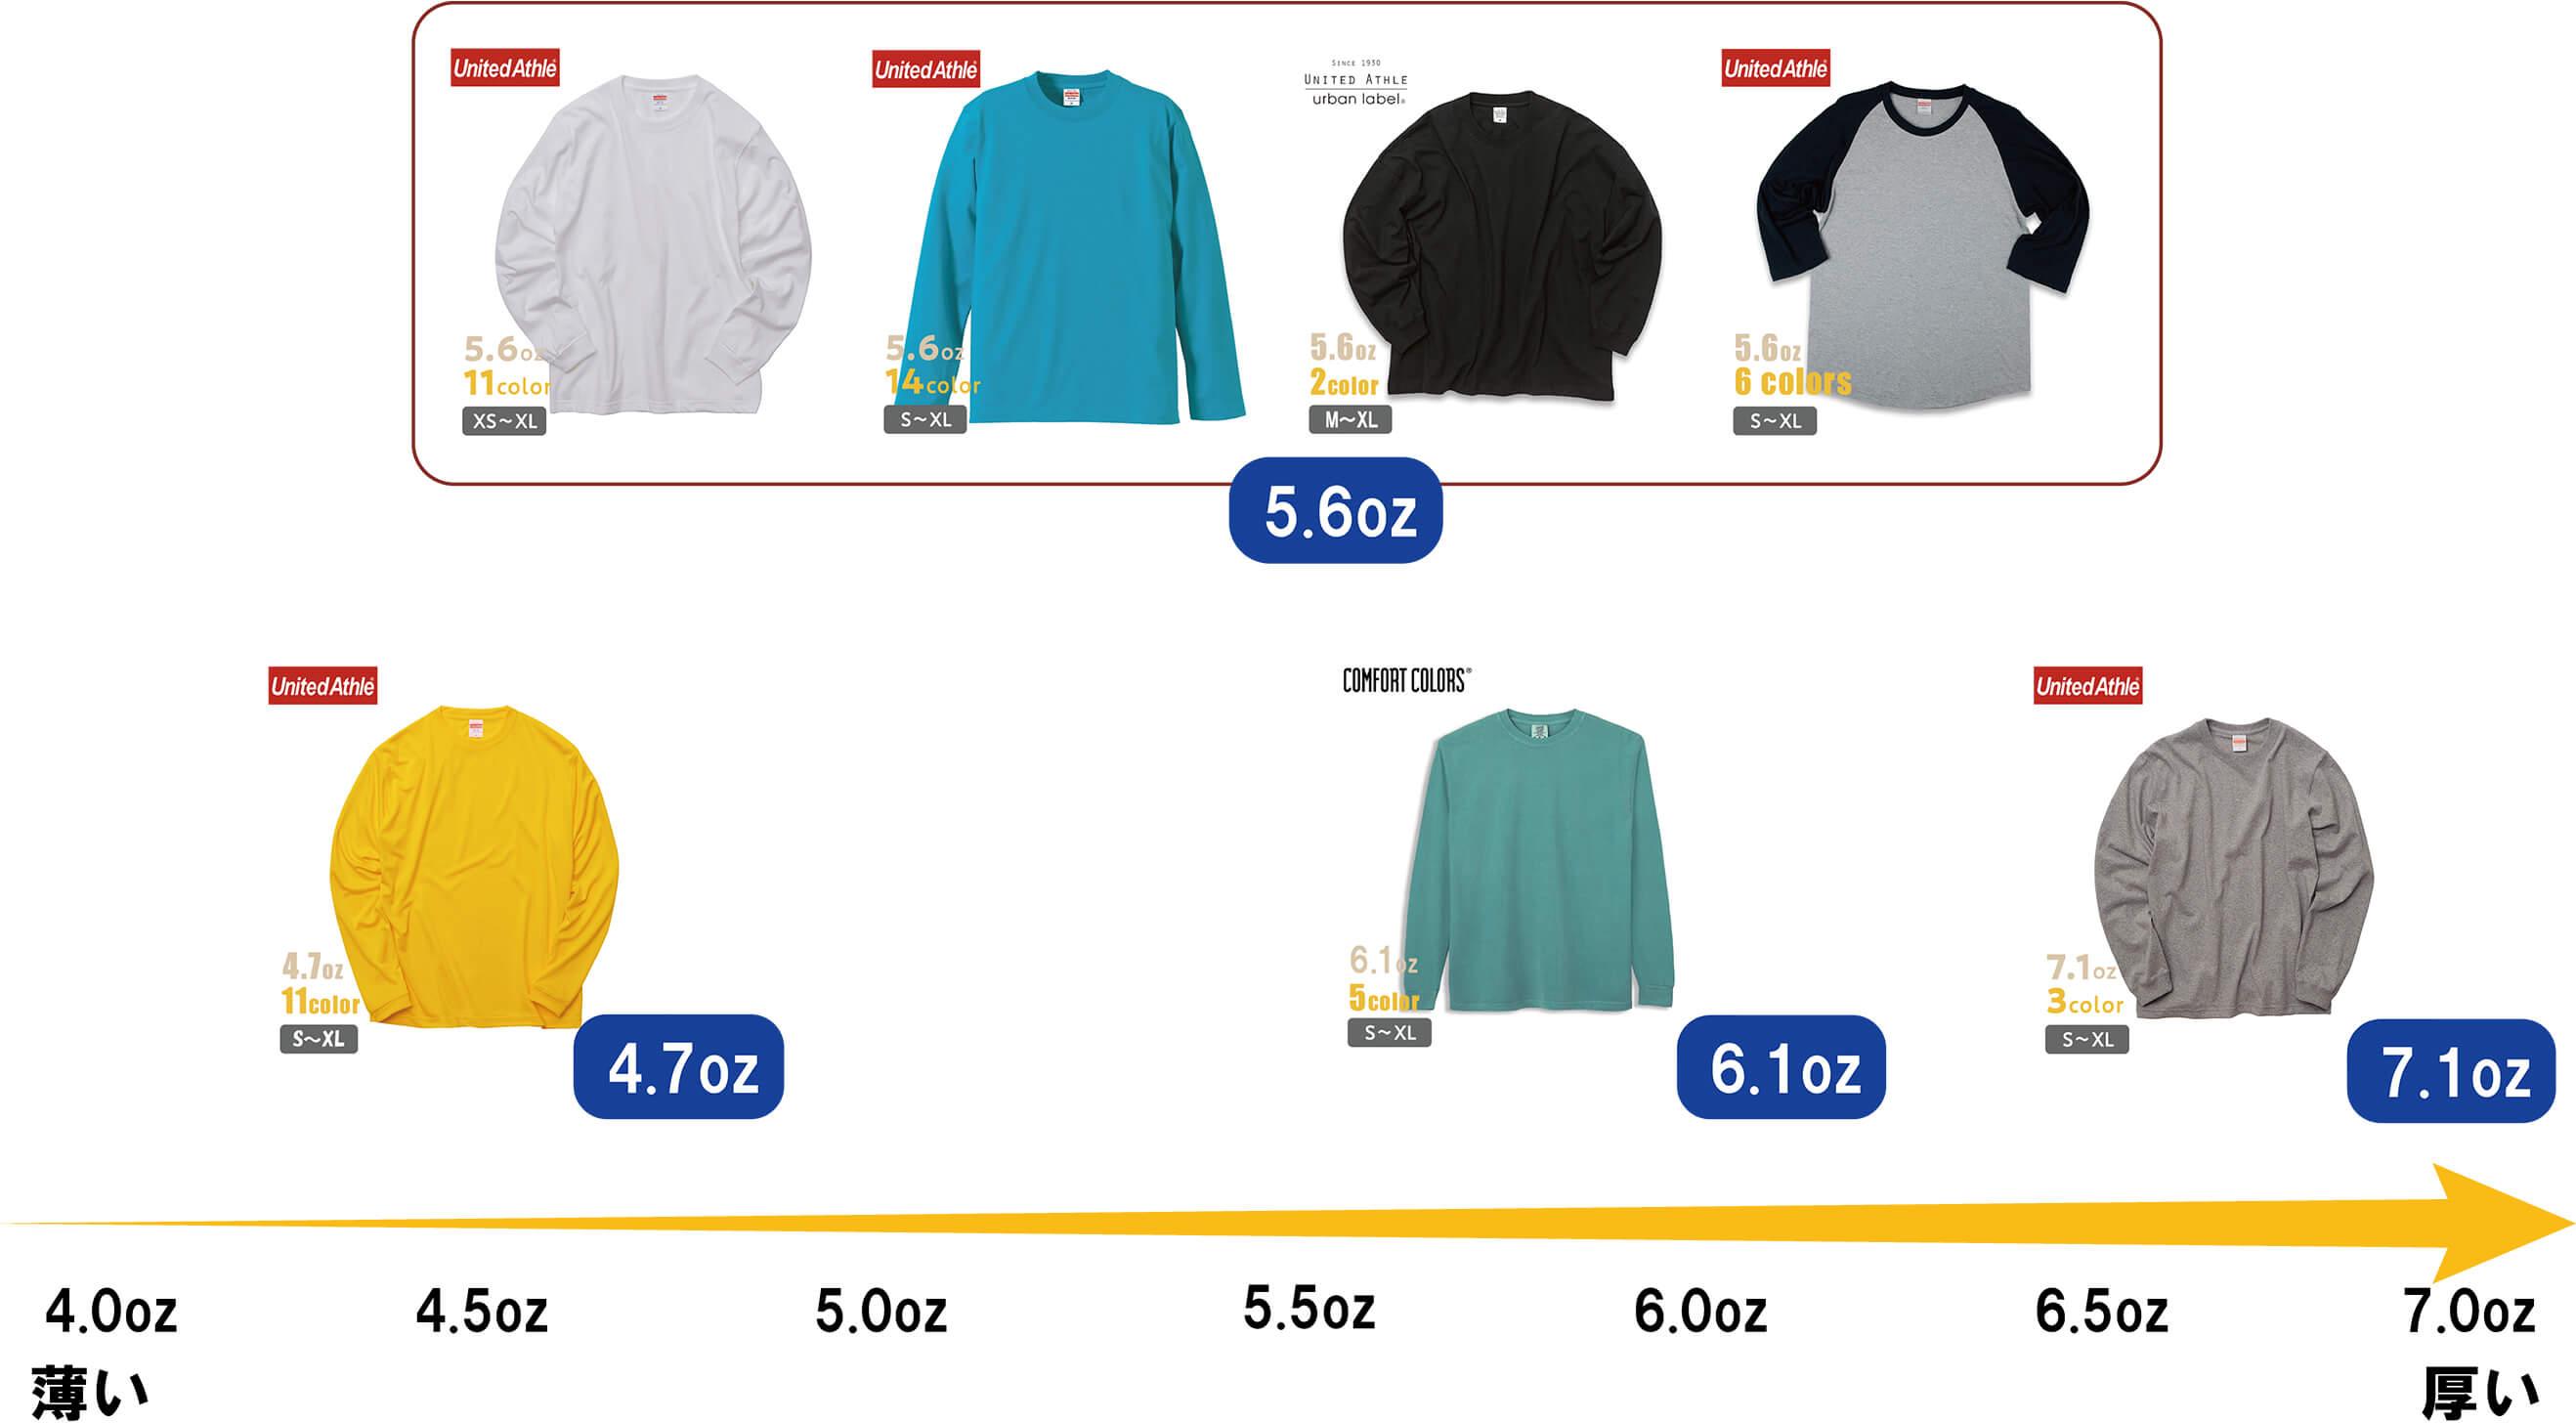 オリジナル長袖Tシャツの商品ポジショニングMAP